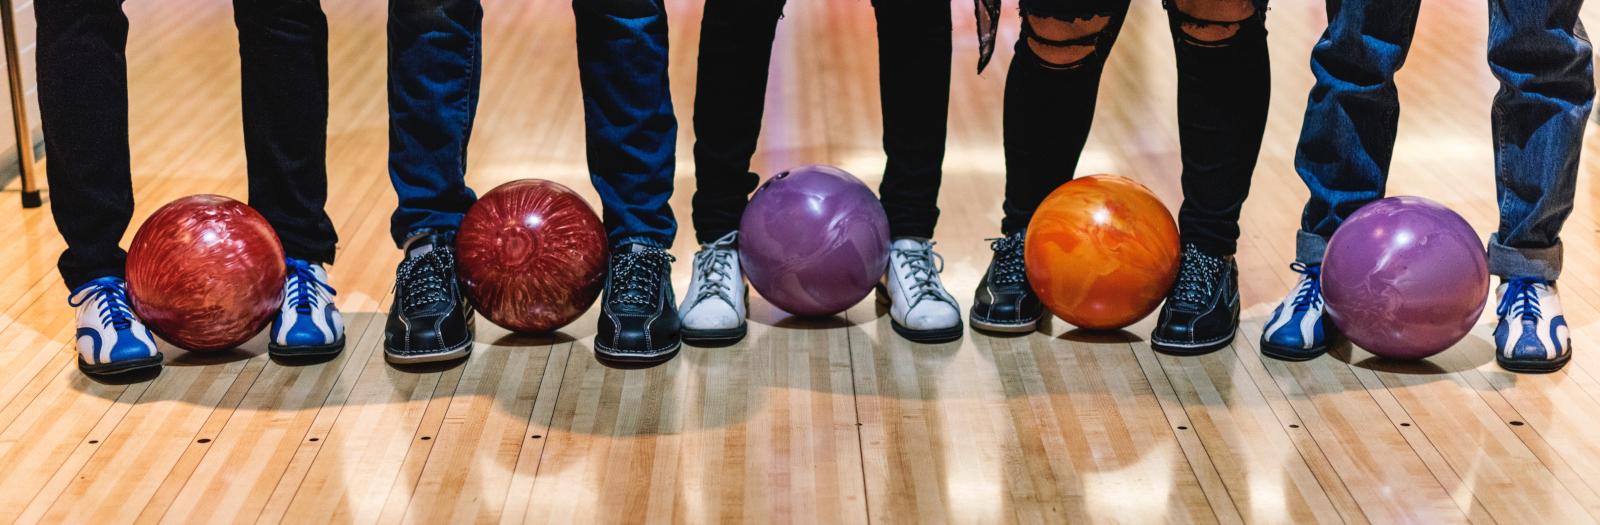 Comment Faire Pour Ouvrir Un Bowling messorties.fr, votre annuaire comité entreprise et séminaire